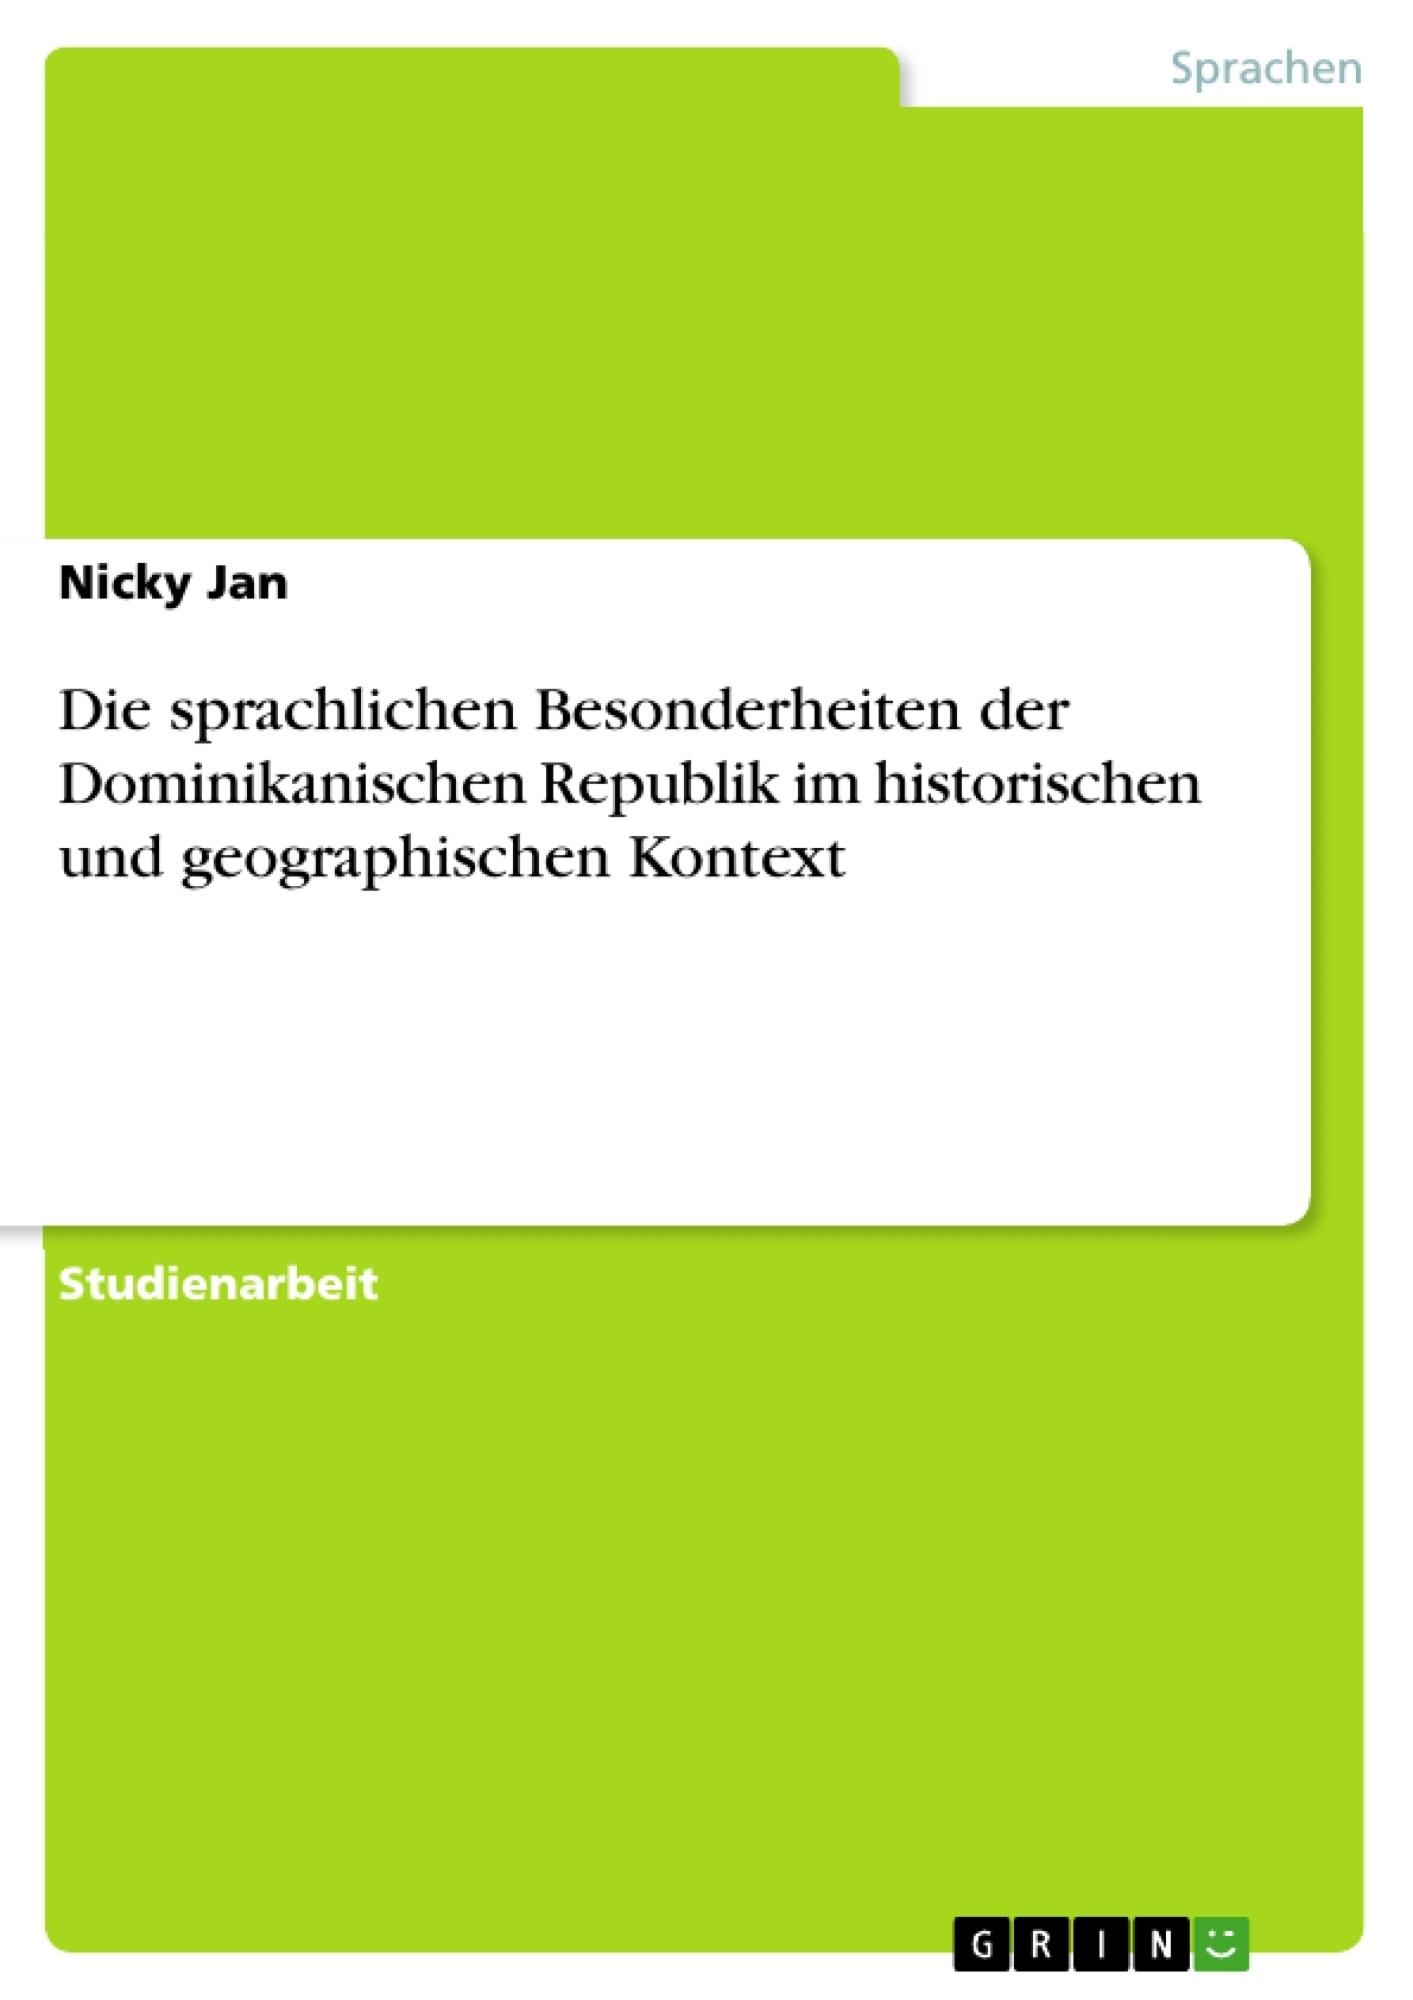 Titel: Die sprachlichen Besonderheiten der Dominikanischen Republik im historischen und geographischen Kontext